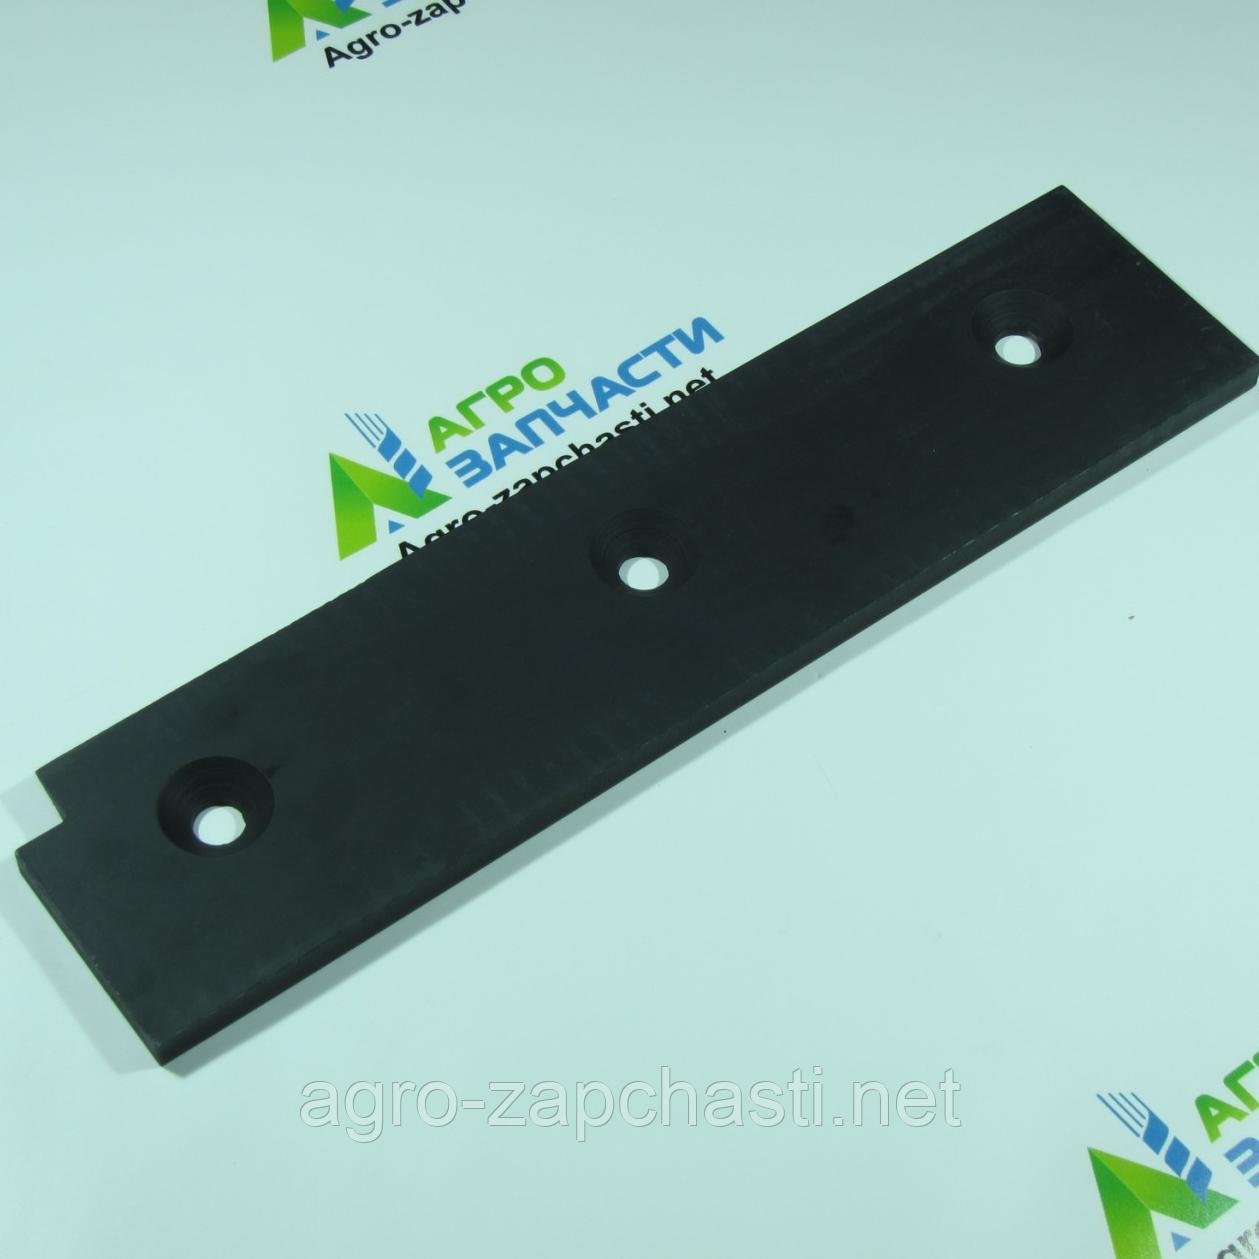 Нож поршня подвижный пресс-подборщика Claas Markant 50 (340х80) 808523